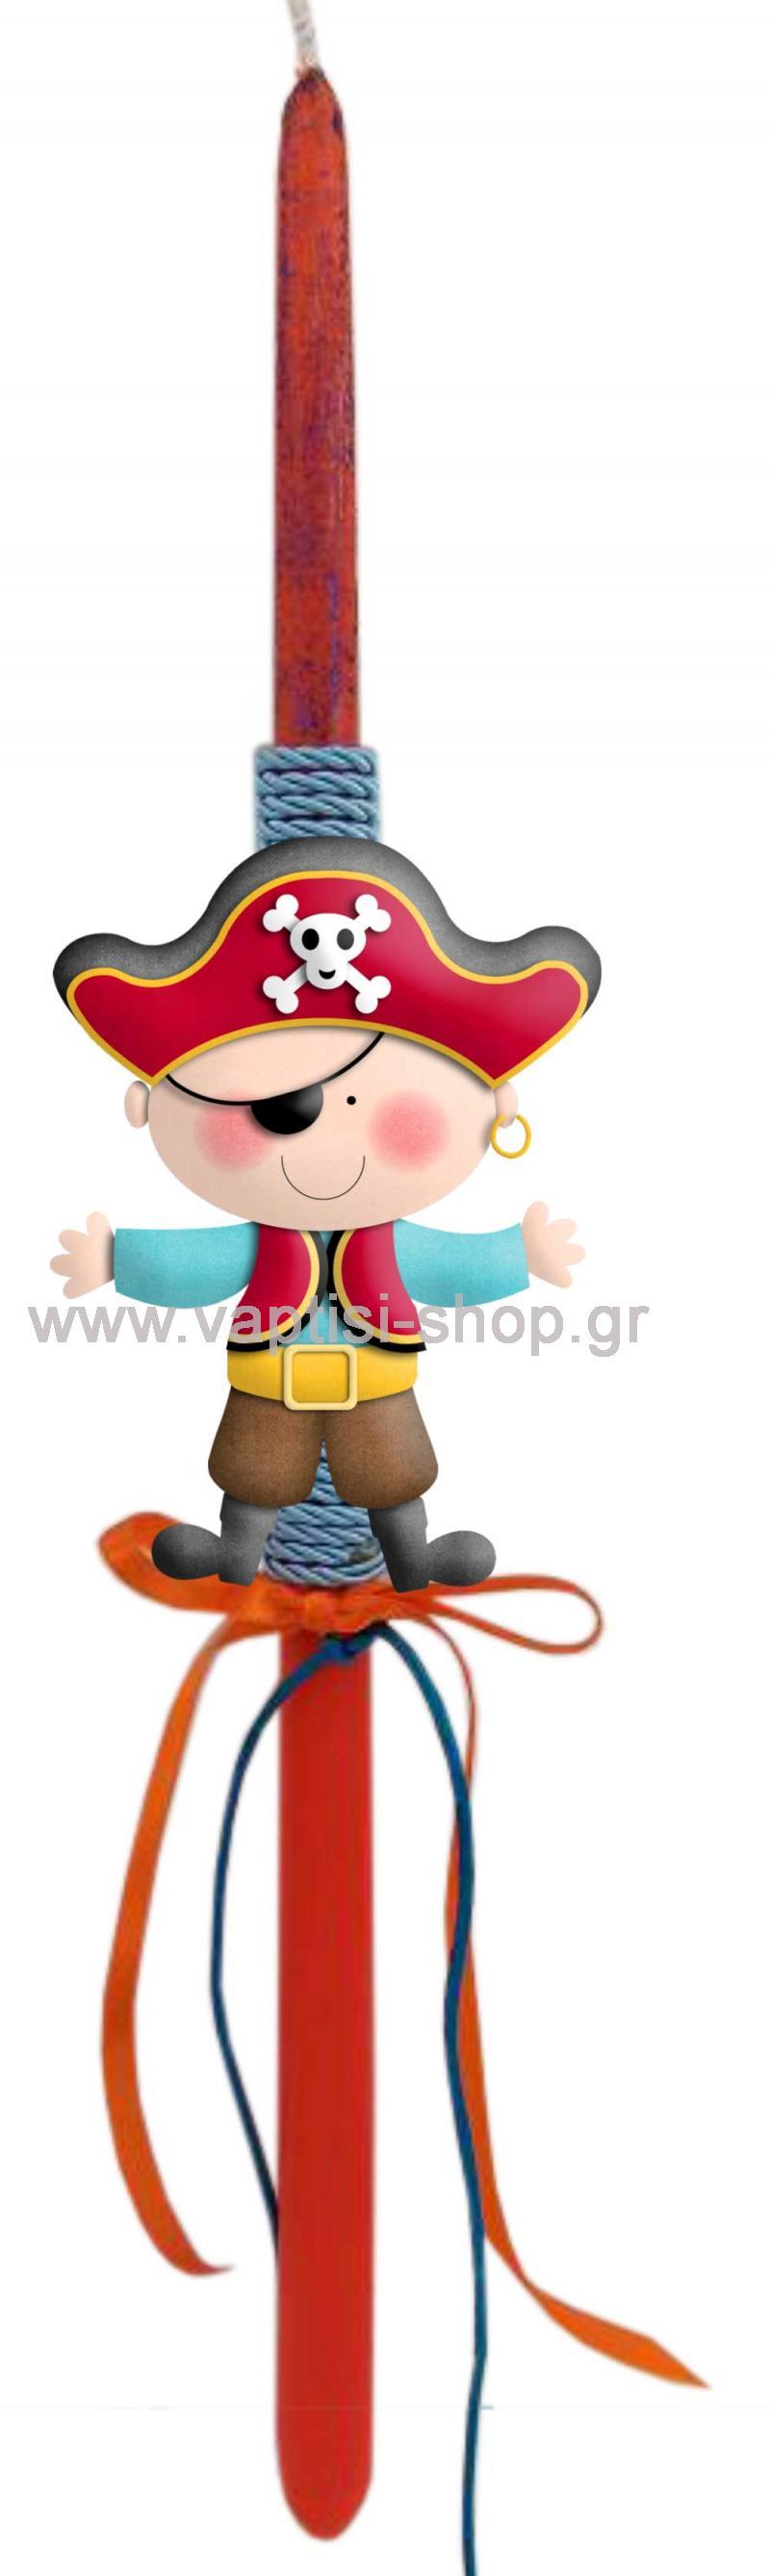 Πασχαλινή Λαμπάδα Πειρατής 2